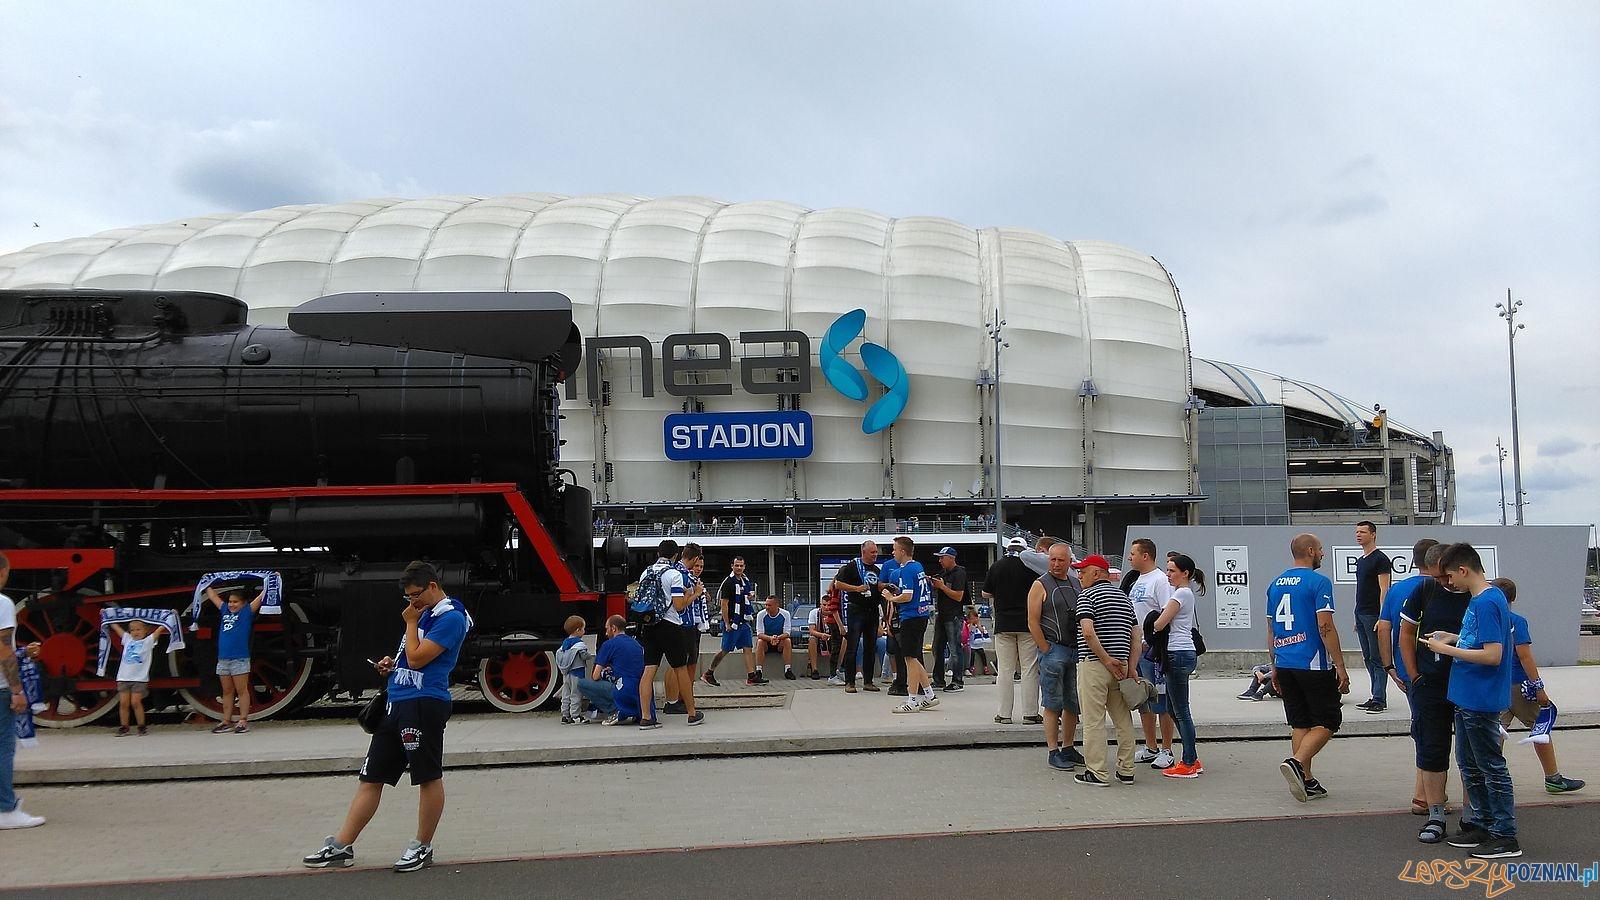 Stadion Miejski Lokomotywa Kolejorza  Foto: T.Dworek